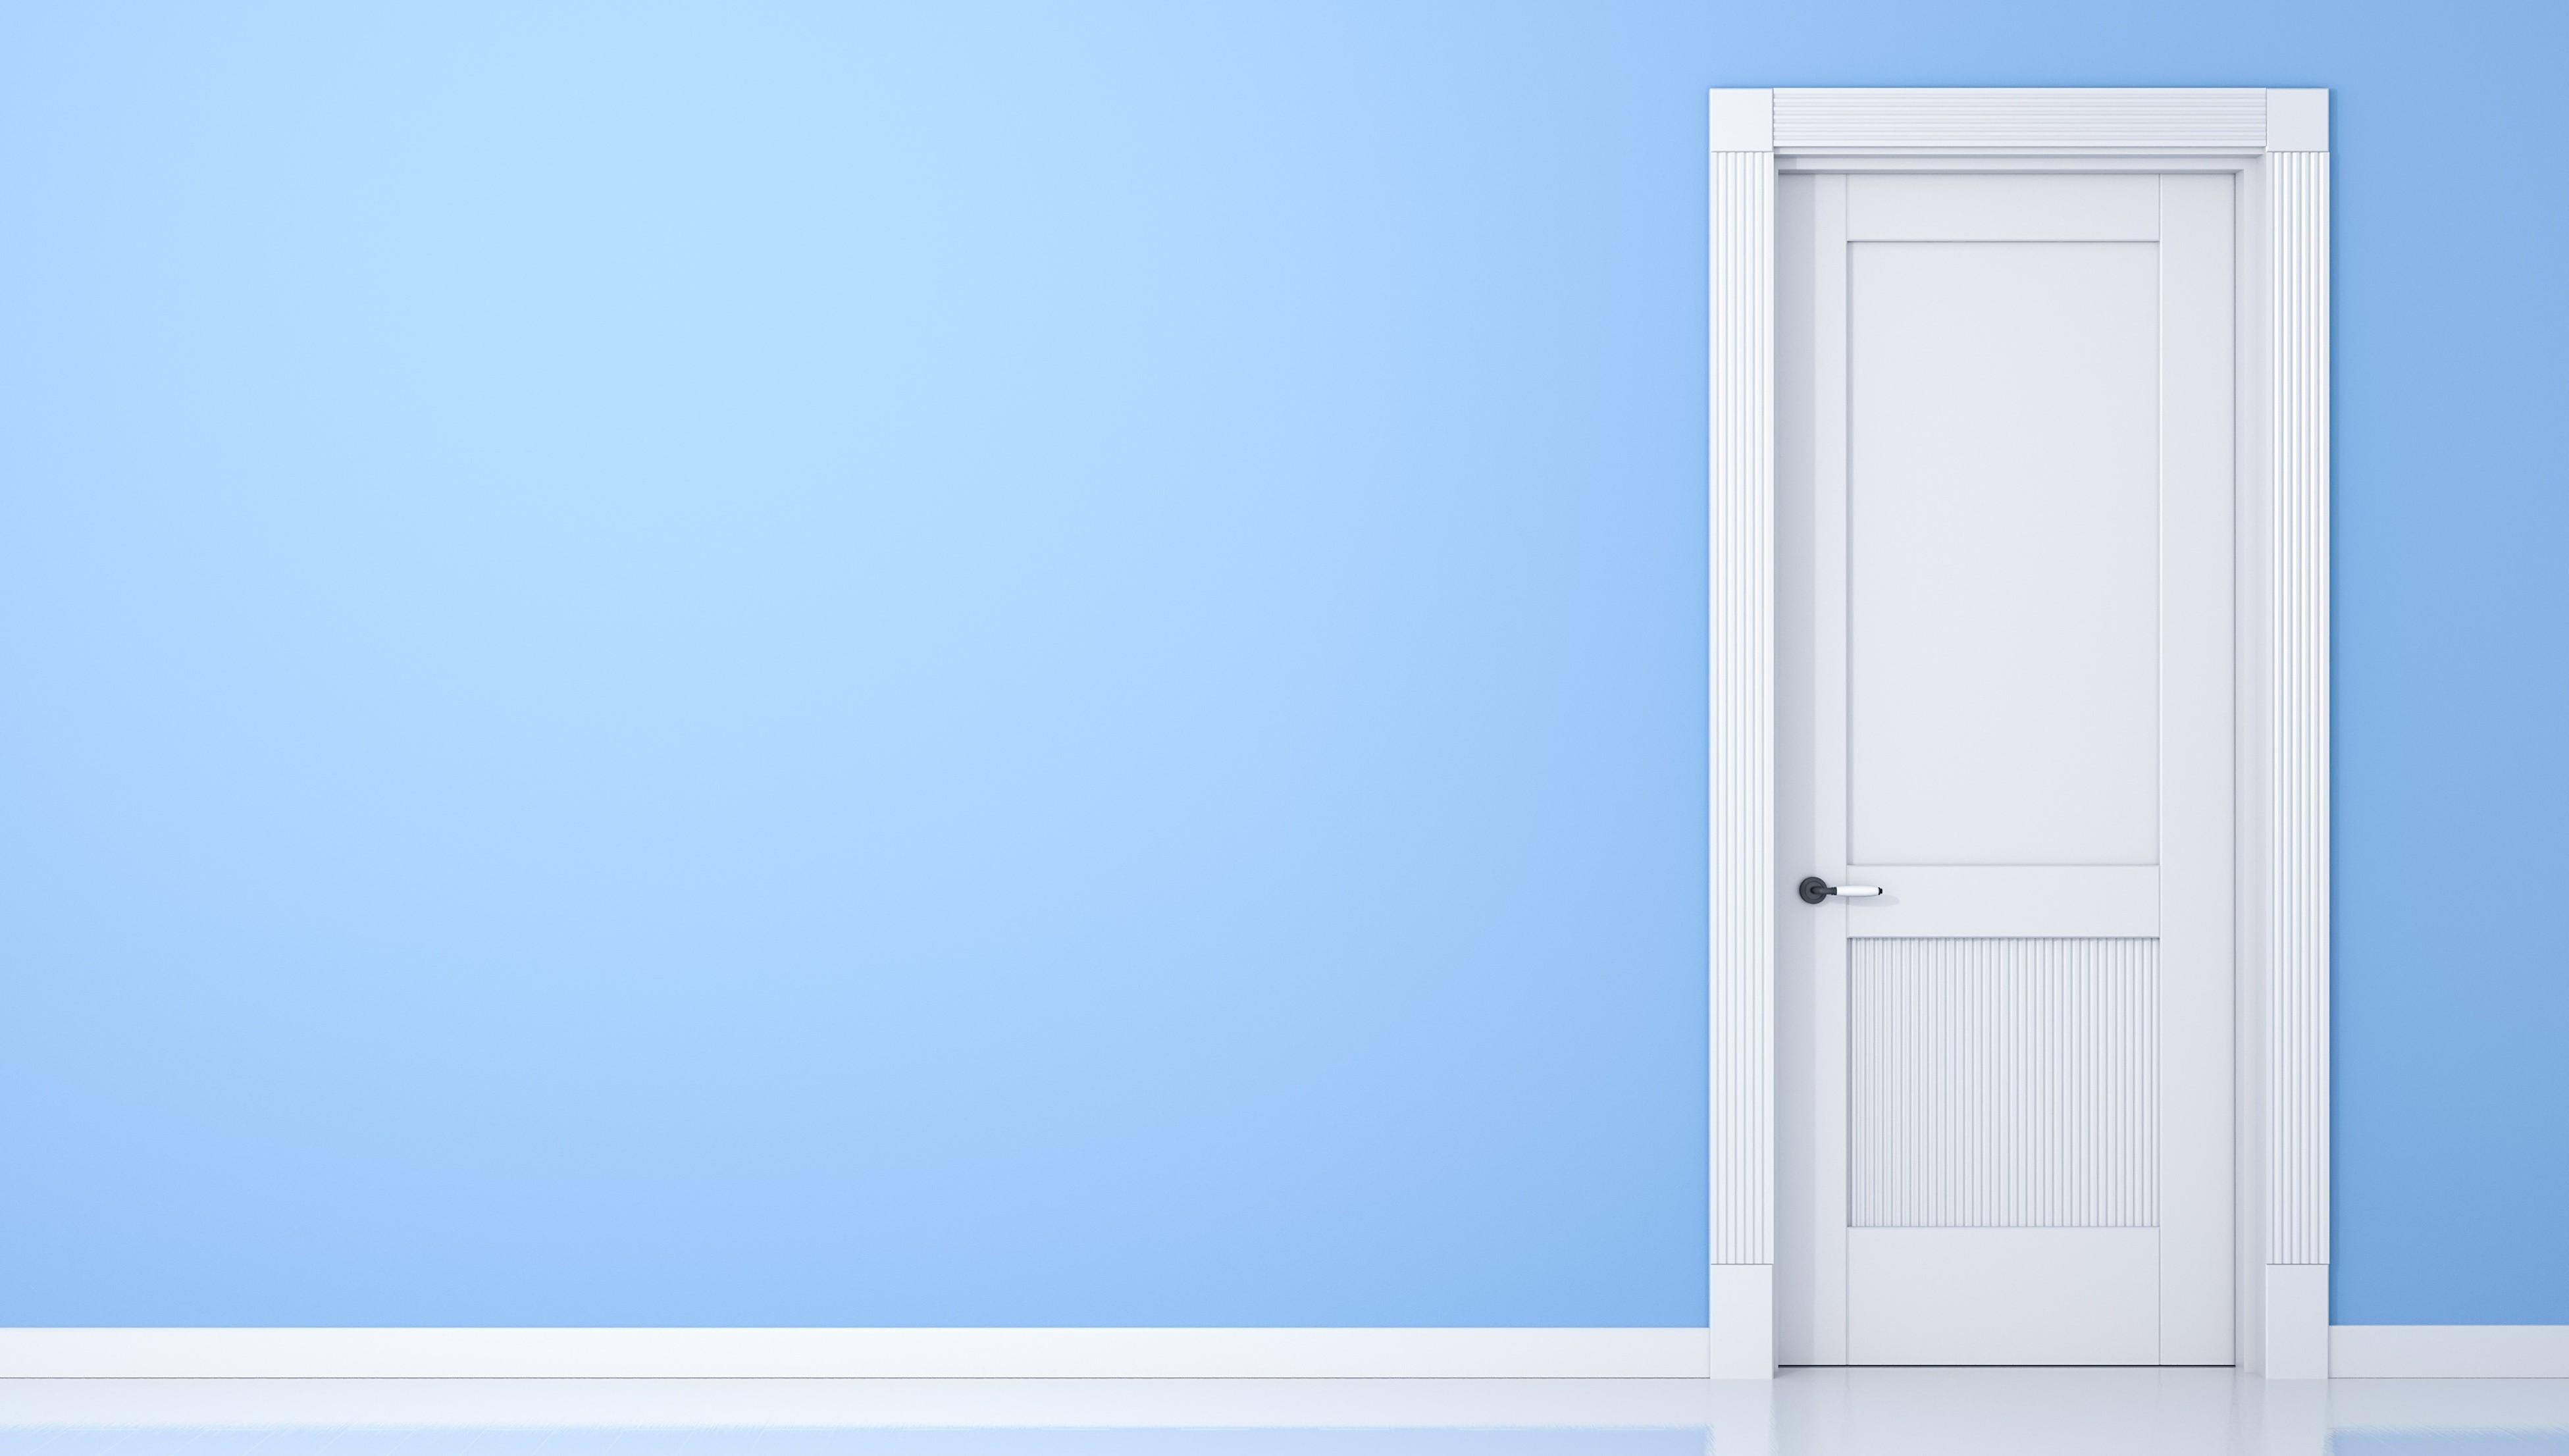 Lacar puertas en blanco for Lacar puertas en blanco